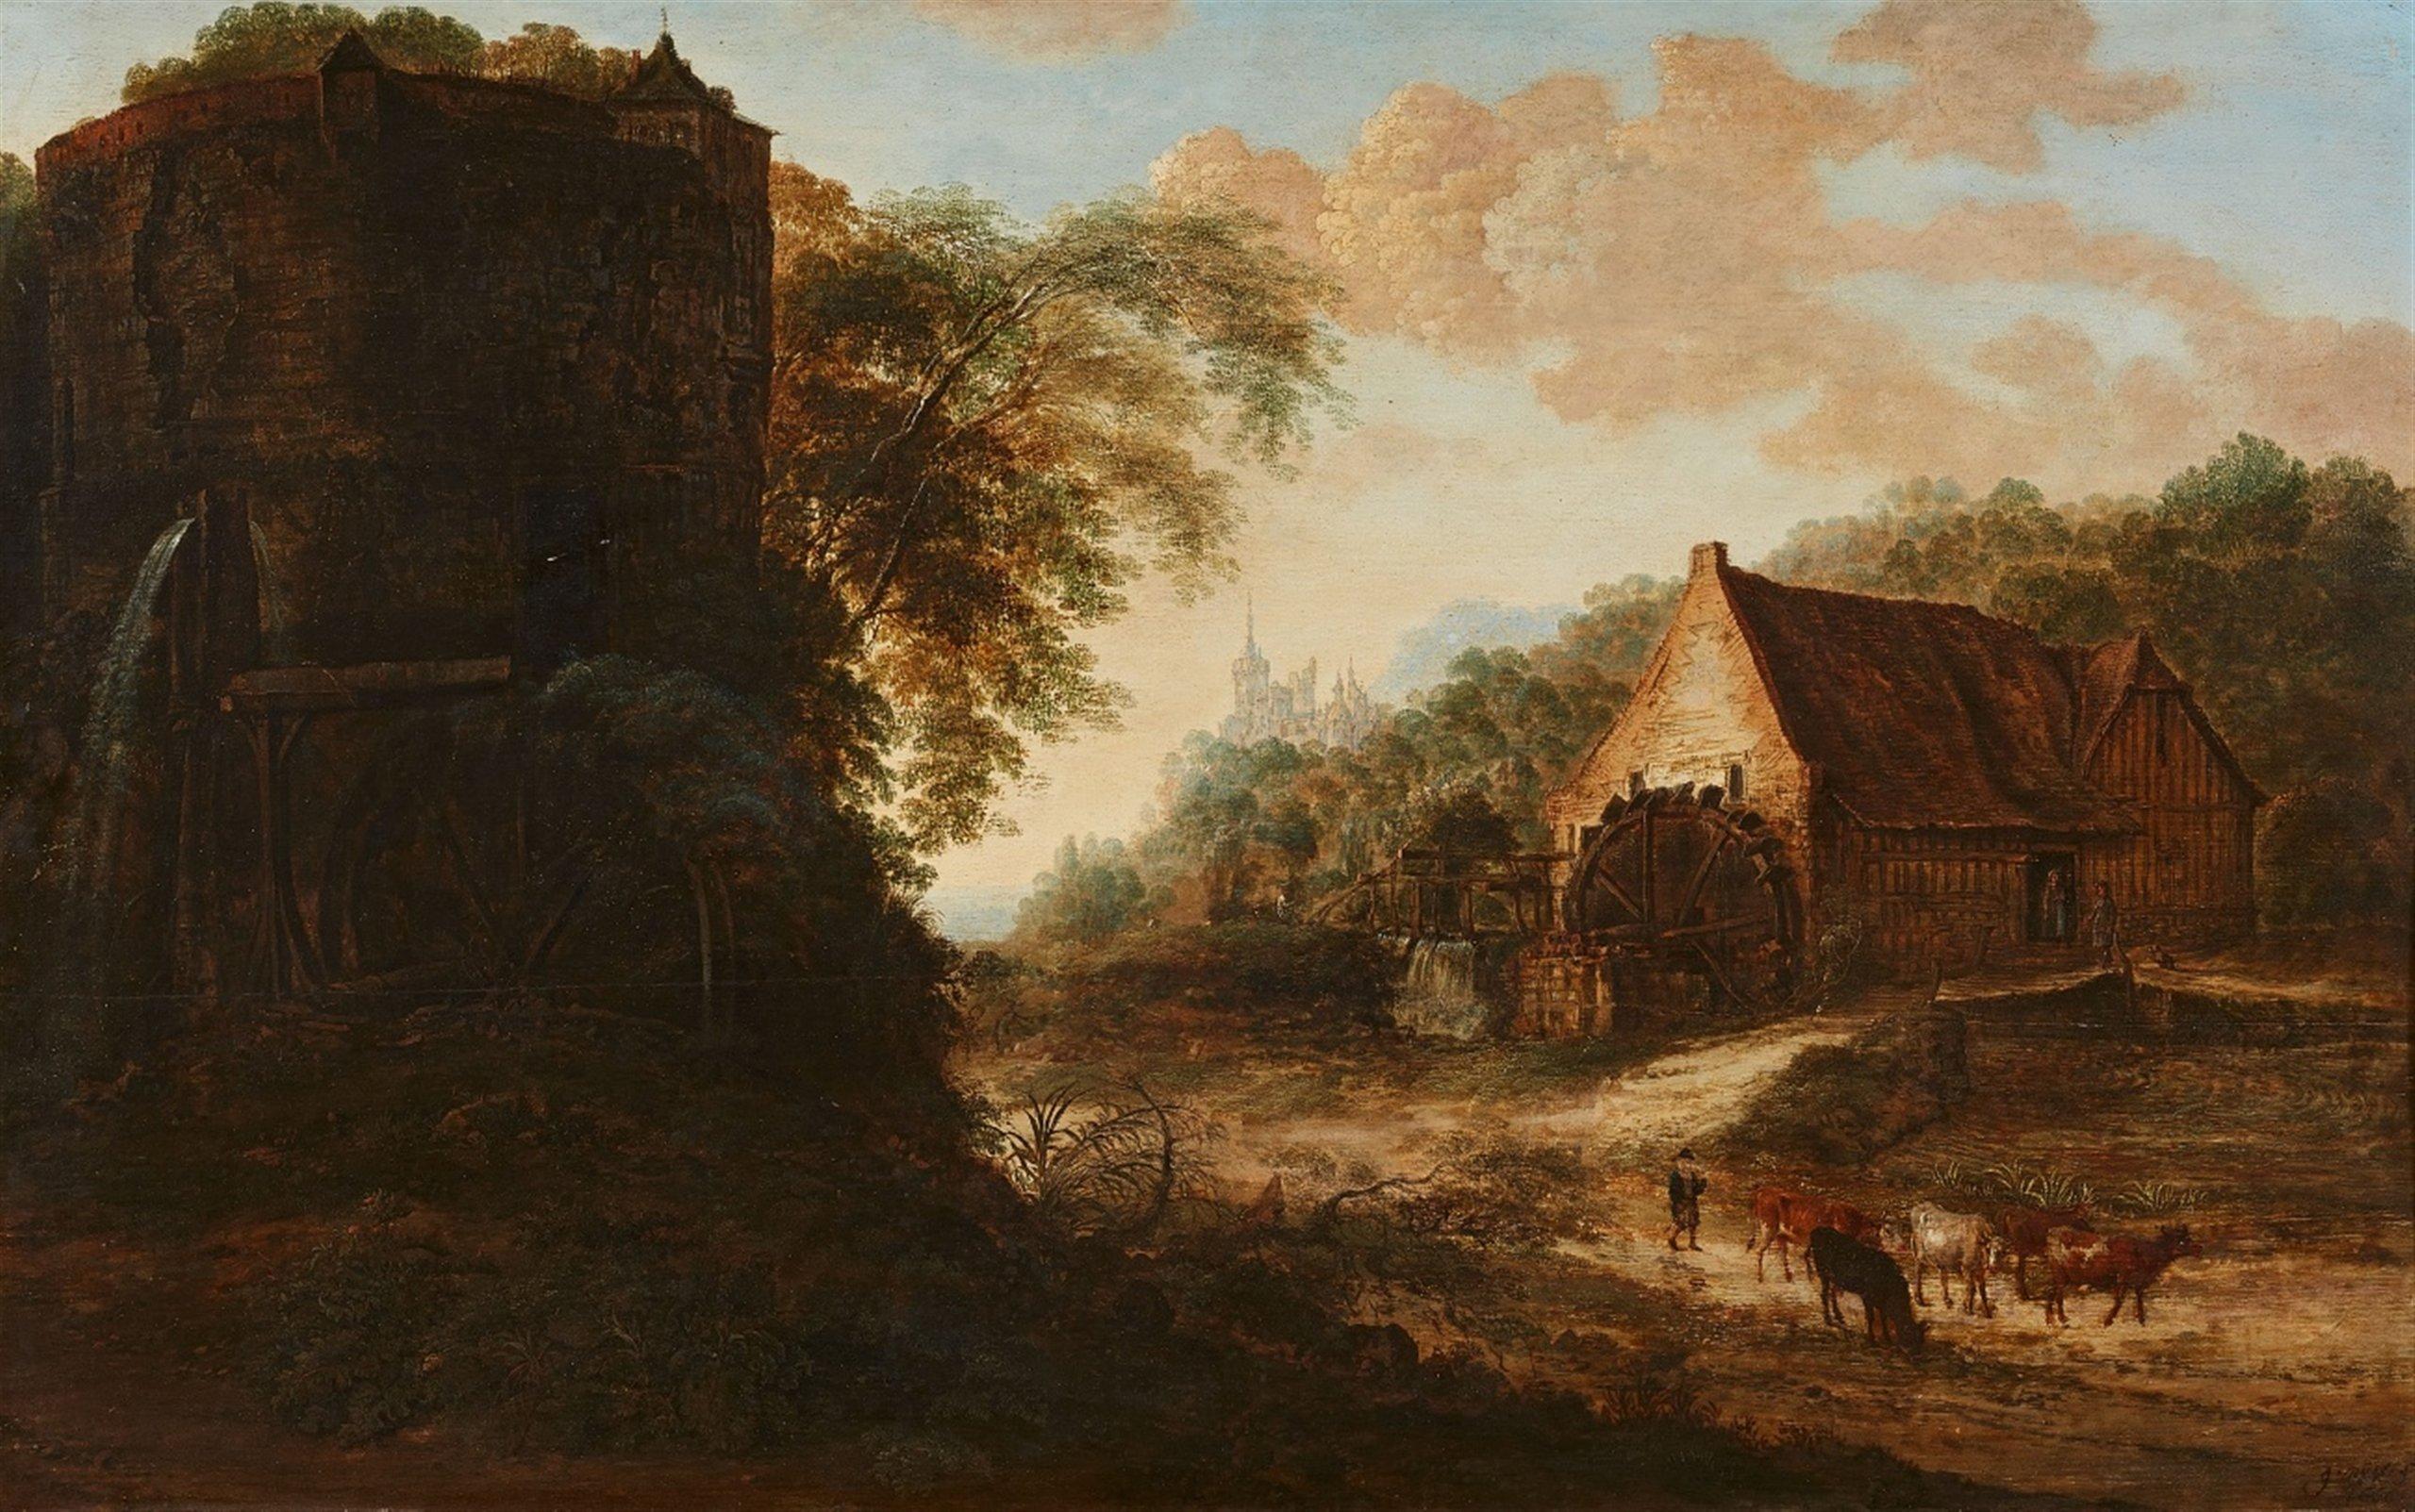 Gillis Neyts (Overijse env. 1618 - 1687 Anvers), Paysage avec un moulin et une tour - Lempertz. Estimation: 10 000€ - 12 000€